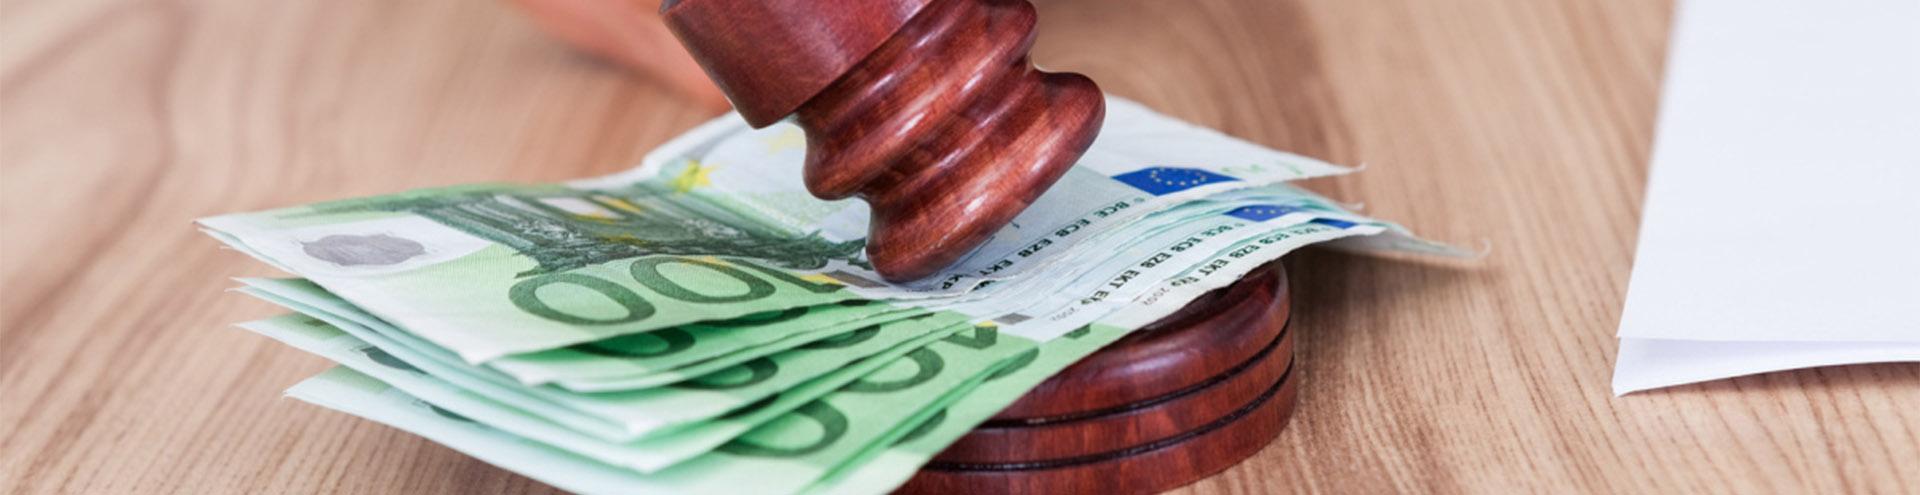 судебные расходы в Пензе